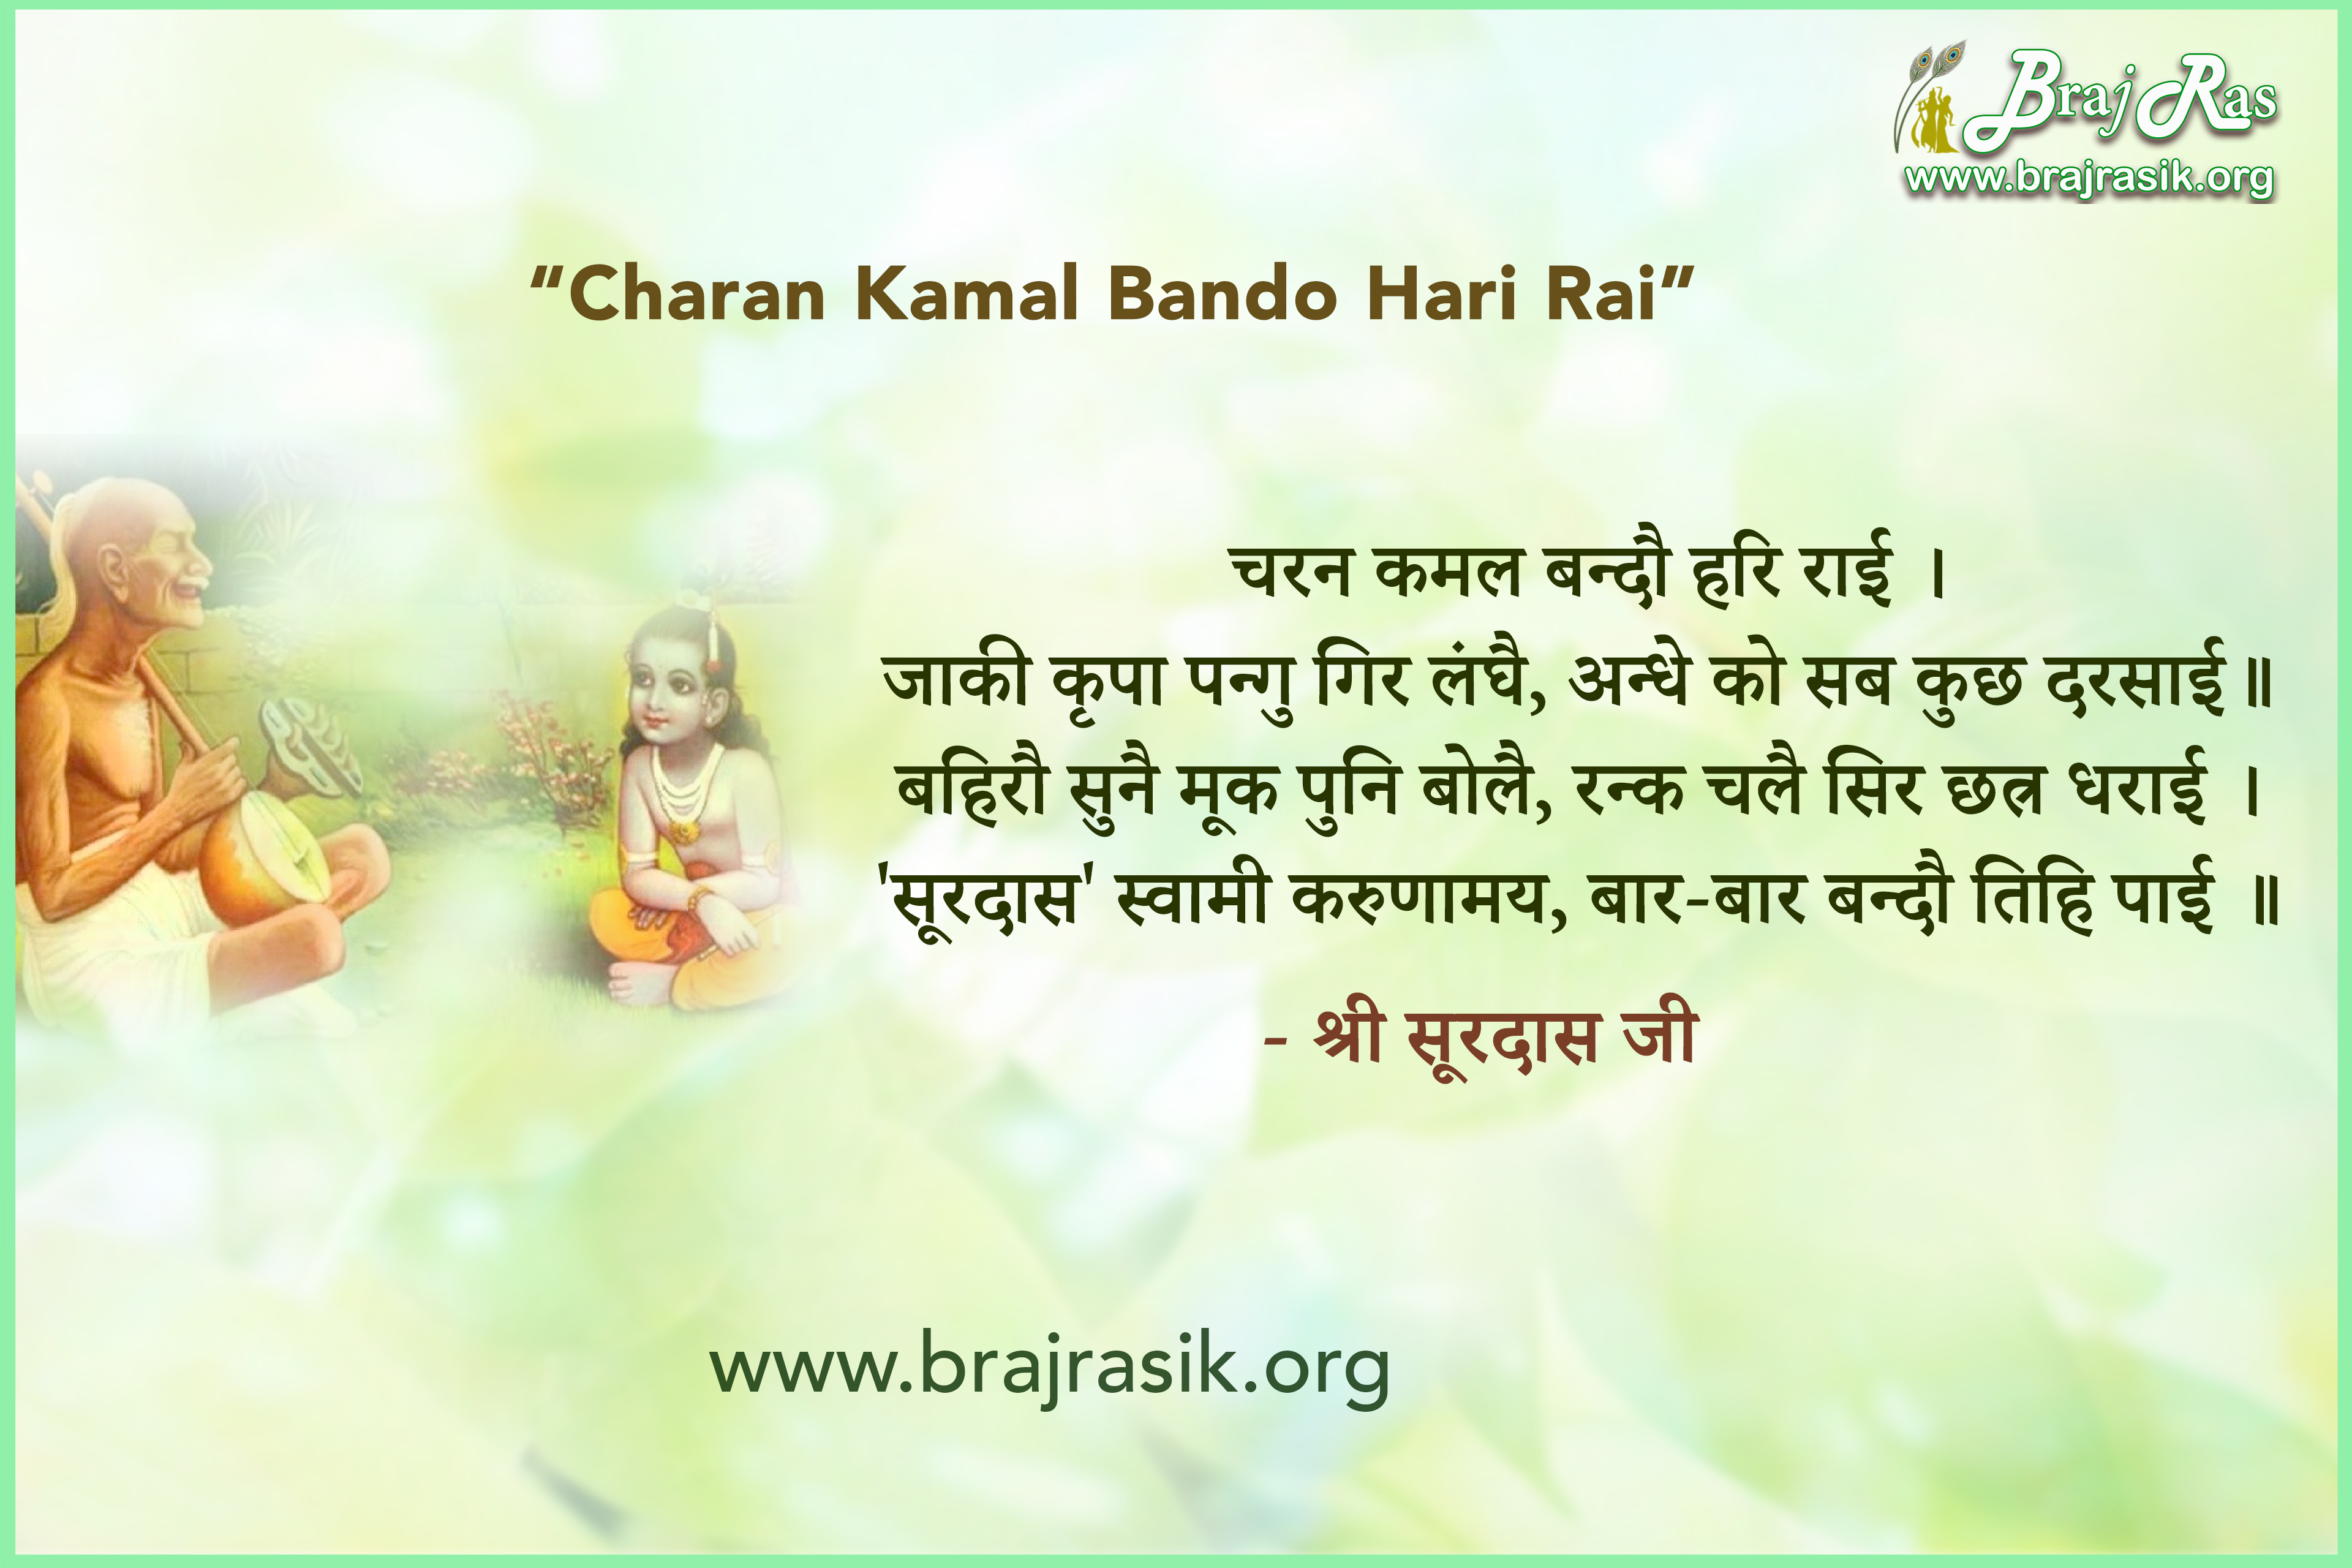 Charan Kamal vandau hari rai - Shri Surdas Ji